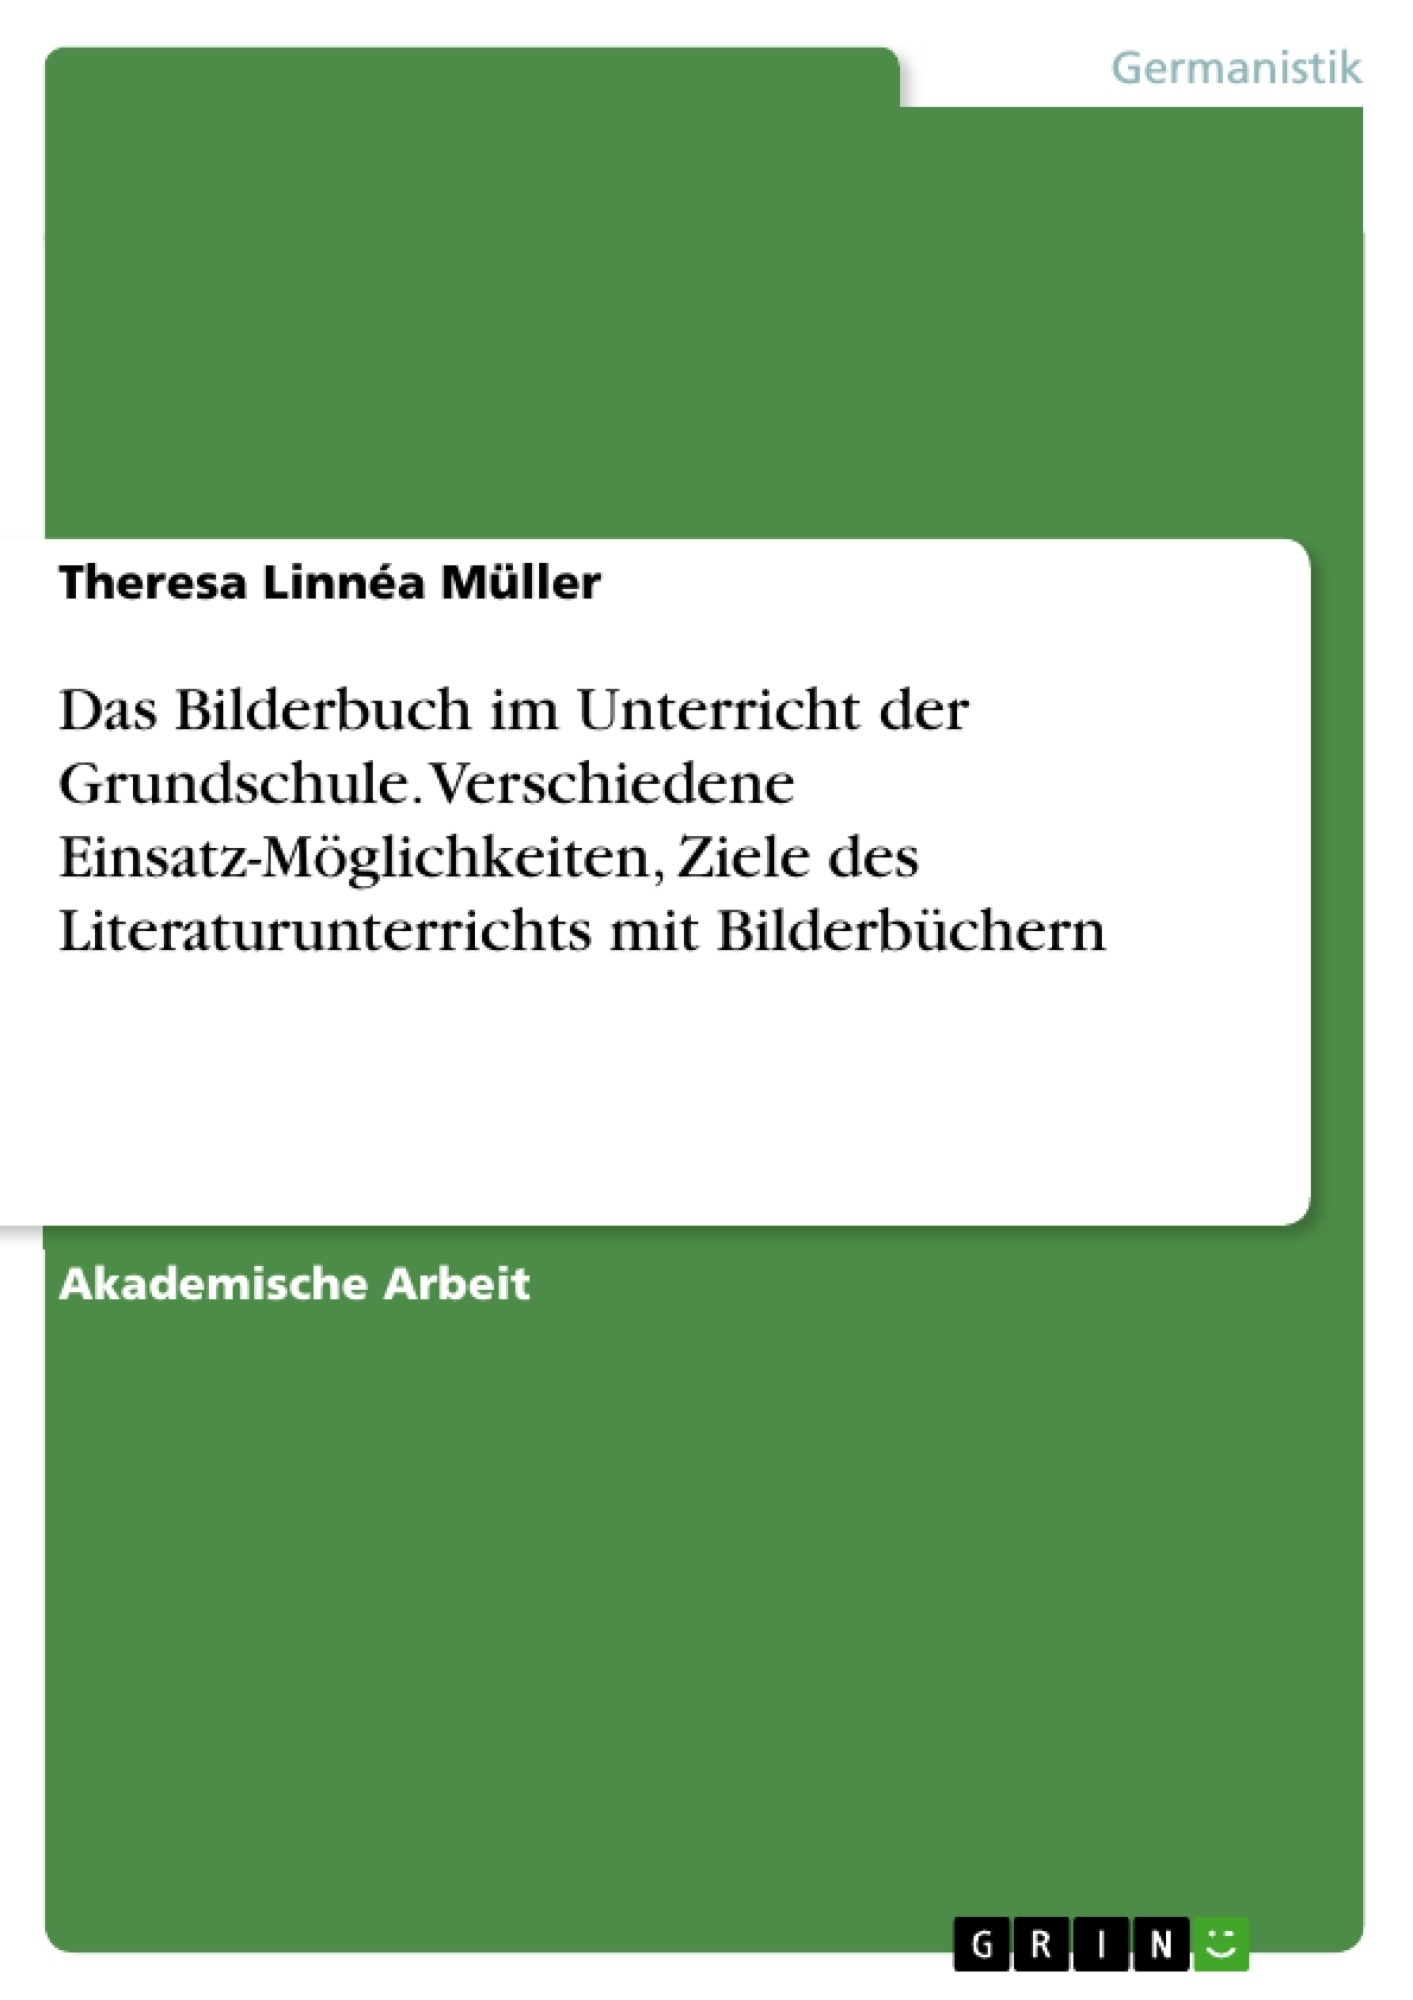 Titel: Das Bilderbuch im Unterricht der Grundschule. Verschiedene Einsatz-Möglichkeiten, Ziele des Literaturunterrichts mit Bilderbüchern